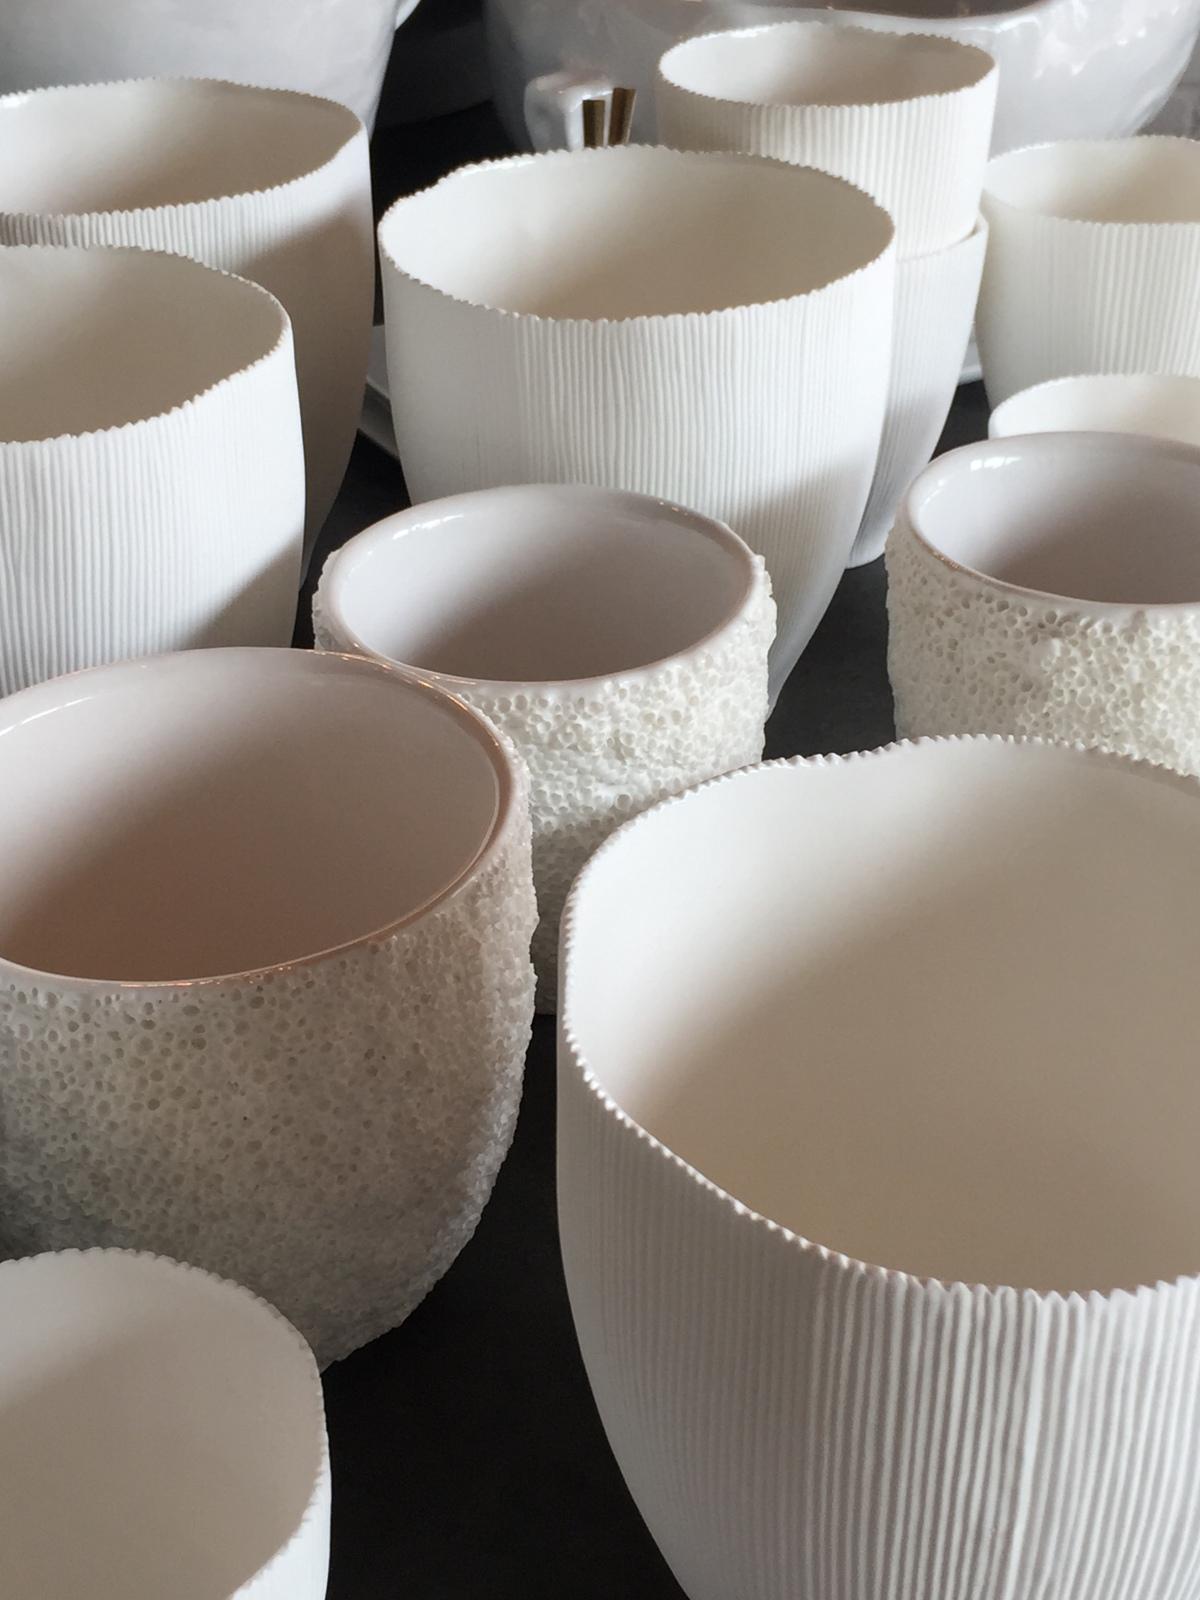 porcelain + clay votives, vases or vessels...textural